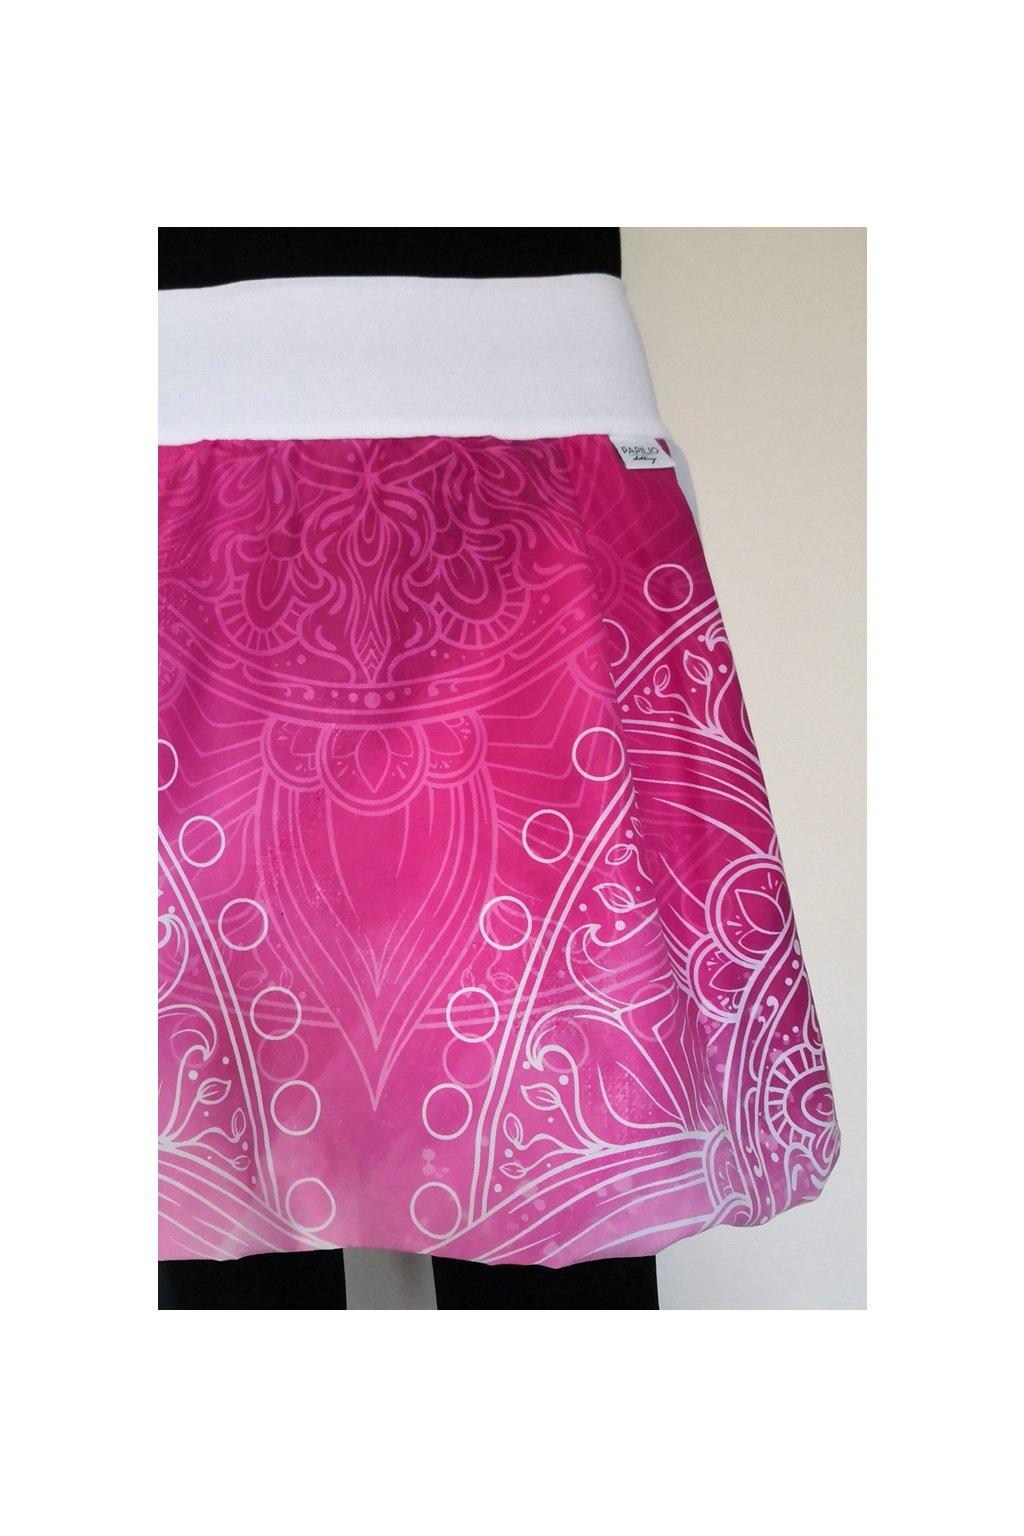 Balonová sukně Mandala růžová| micropeach